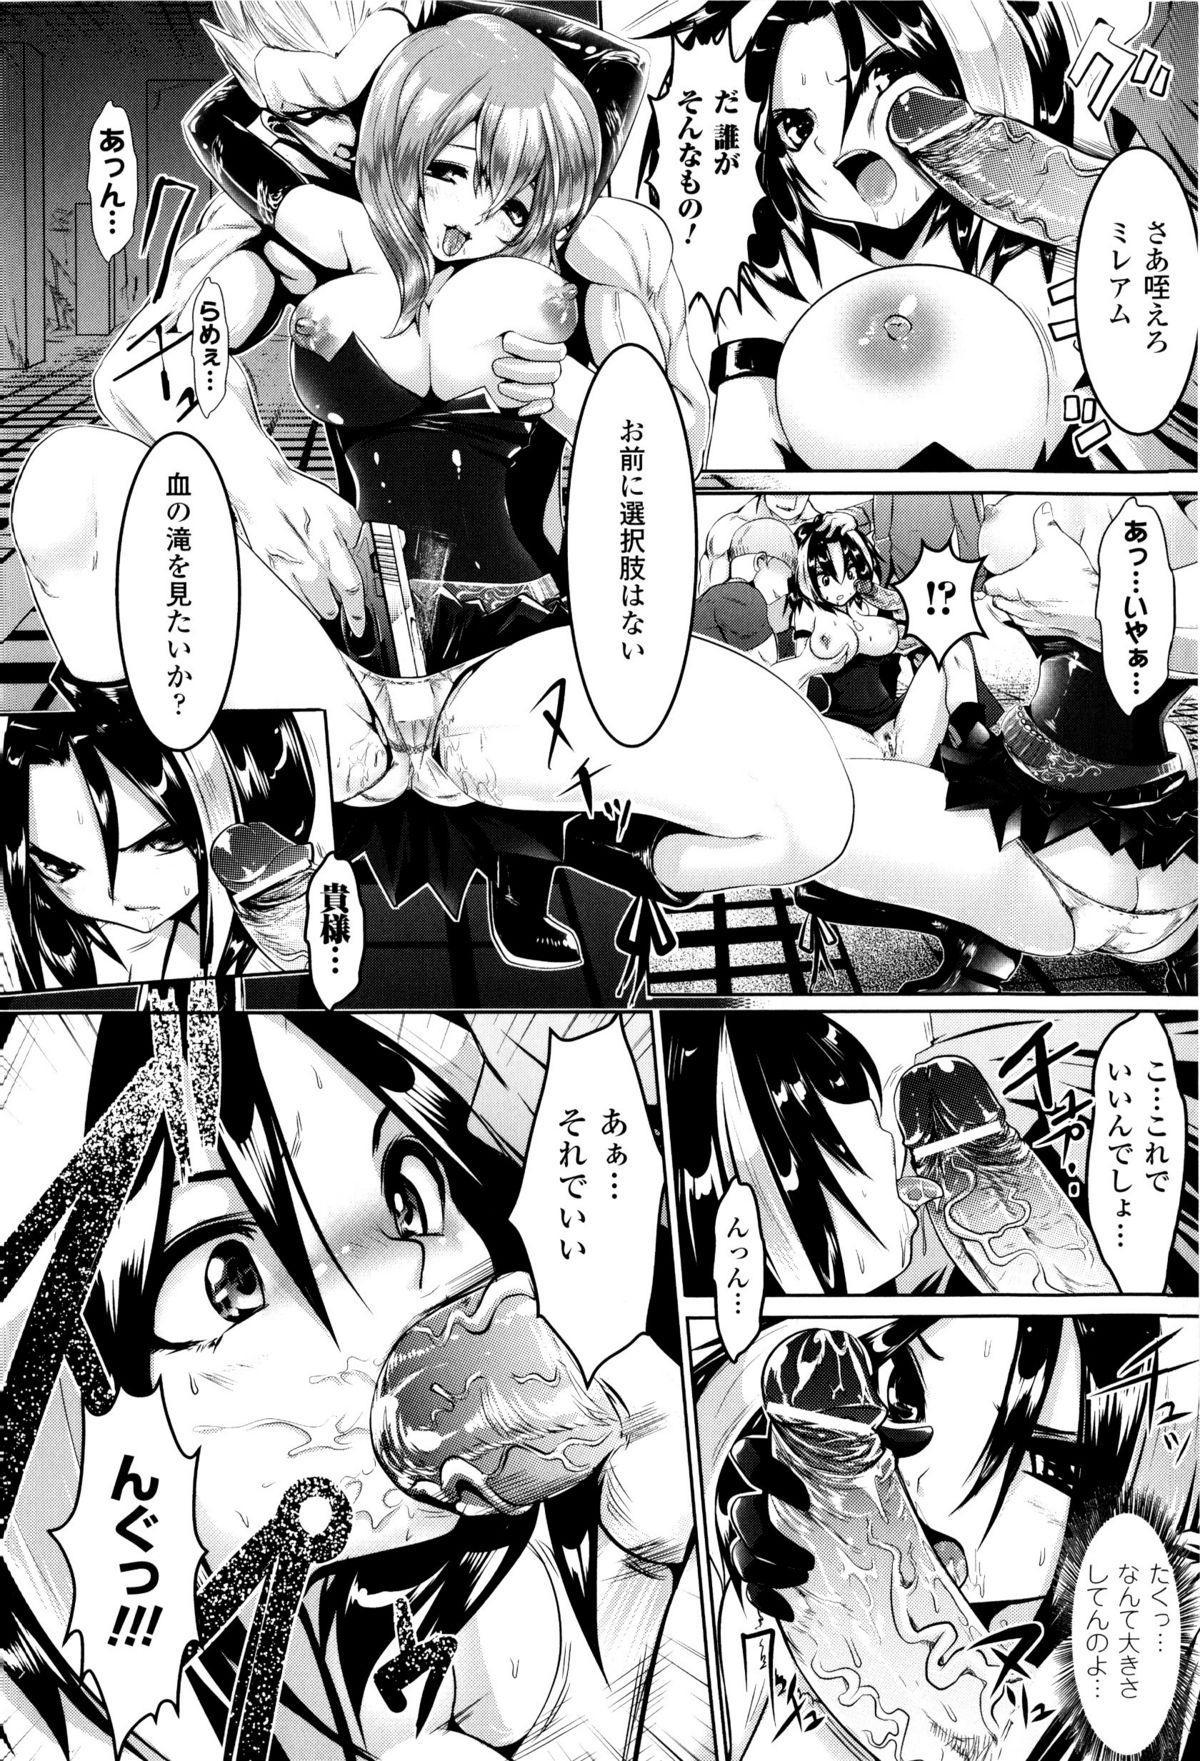 Toushin Engi Vol. 8 156